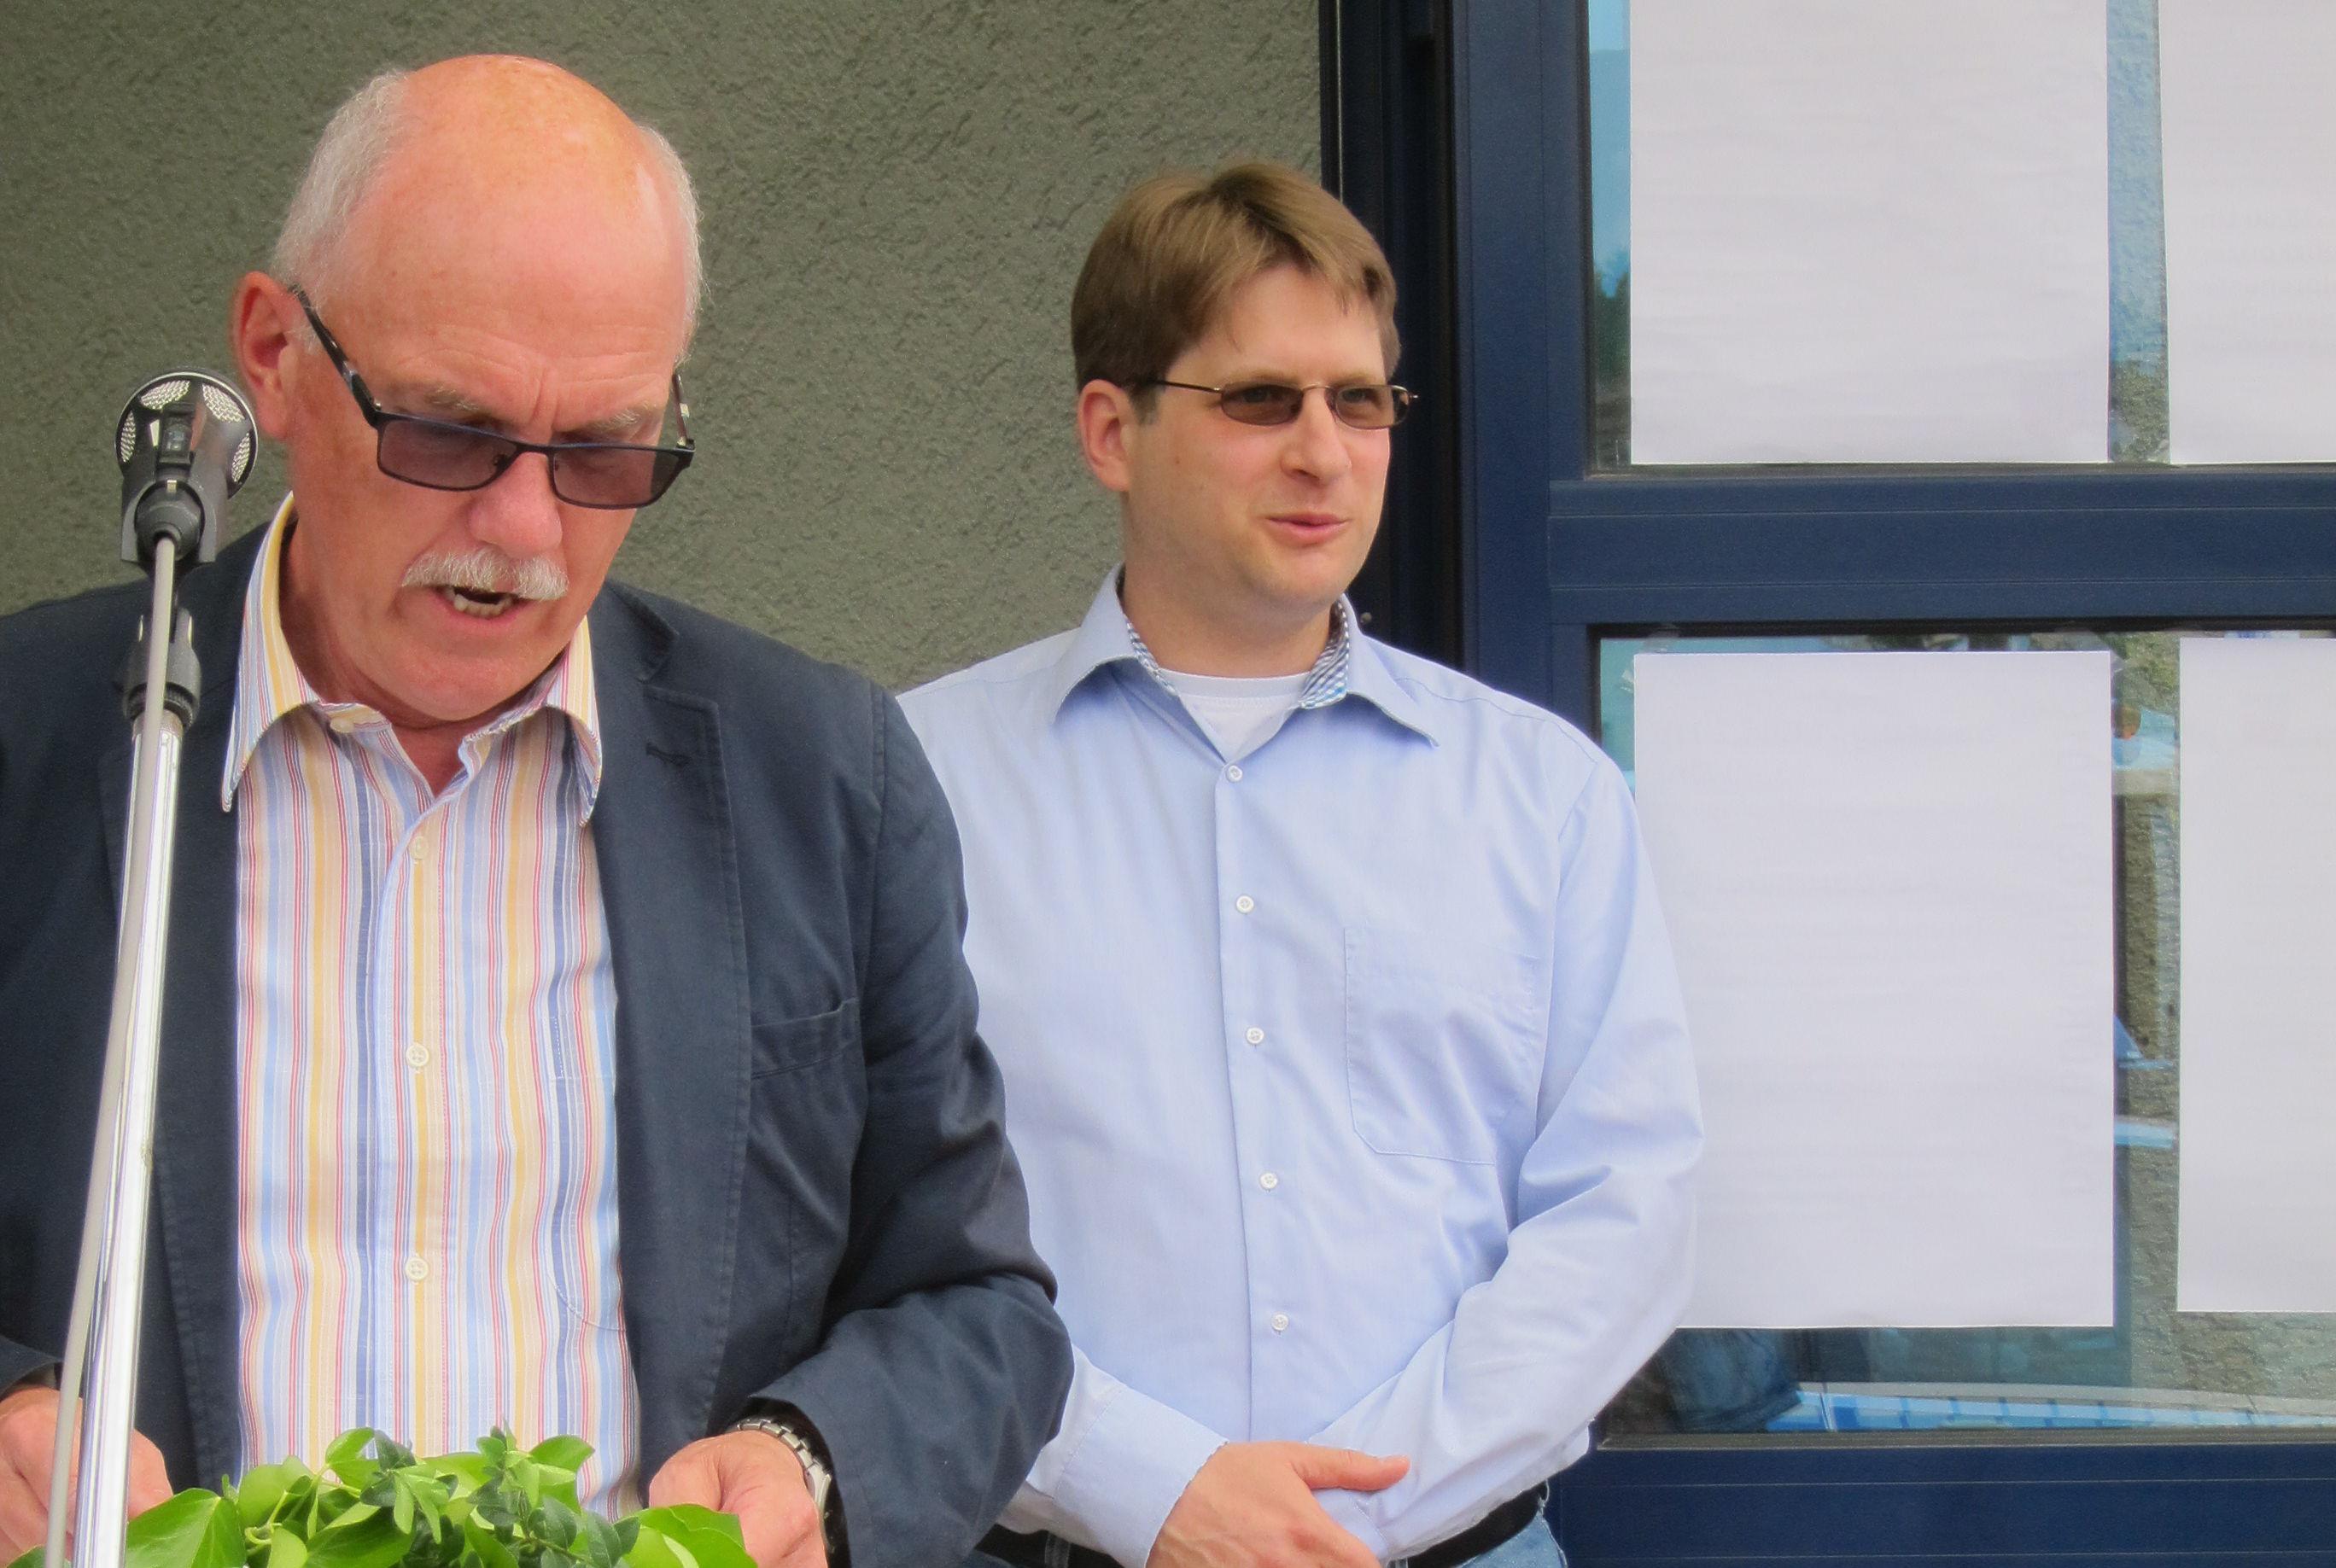 Bürgermeister Hans-Norbert Anspach mit unserem Geschäftsführer Dr. Bernd-Helge Leroch bei der Würdigung im Rahmen des Neubürgerempfangs in Hochspeyer